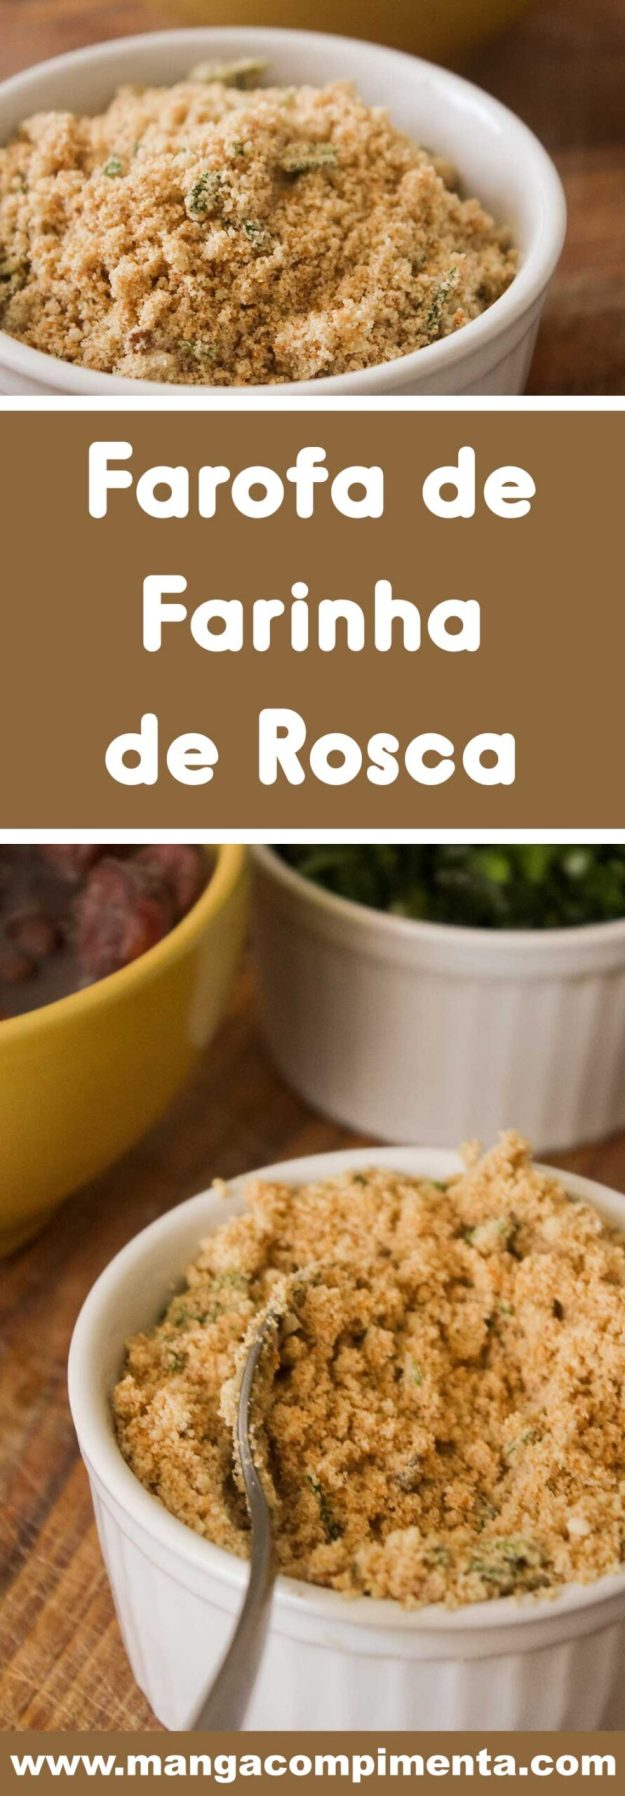 Receita de Farofa de Farinha de Rosca - para servir com frango assado ou feijoada!